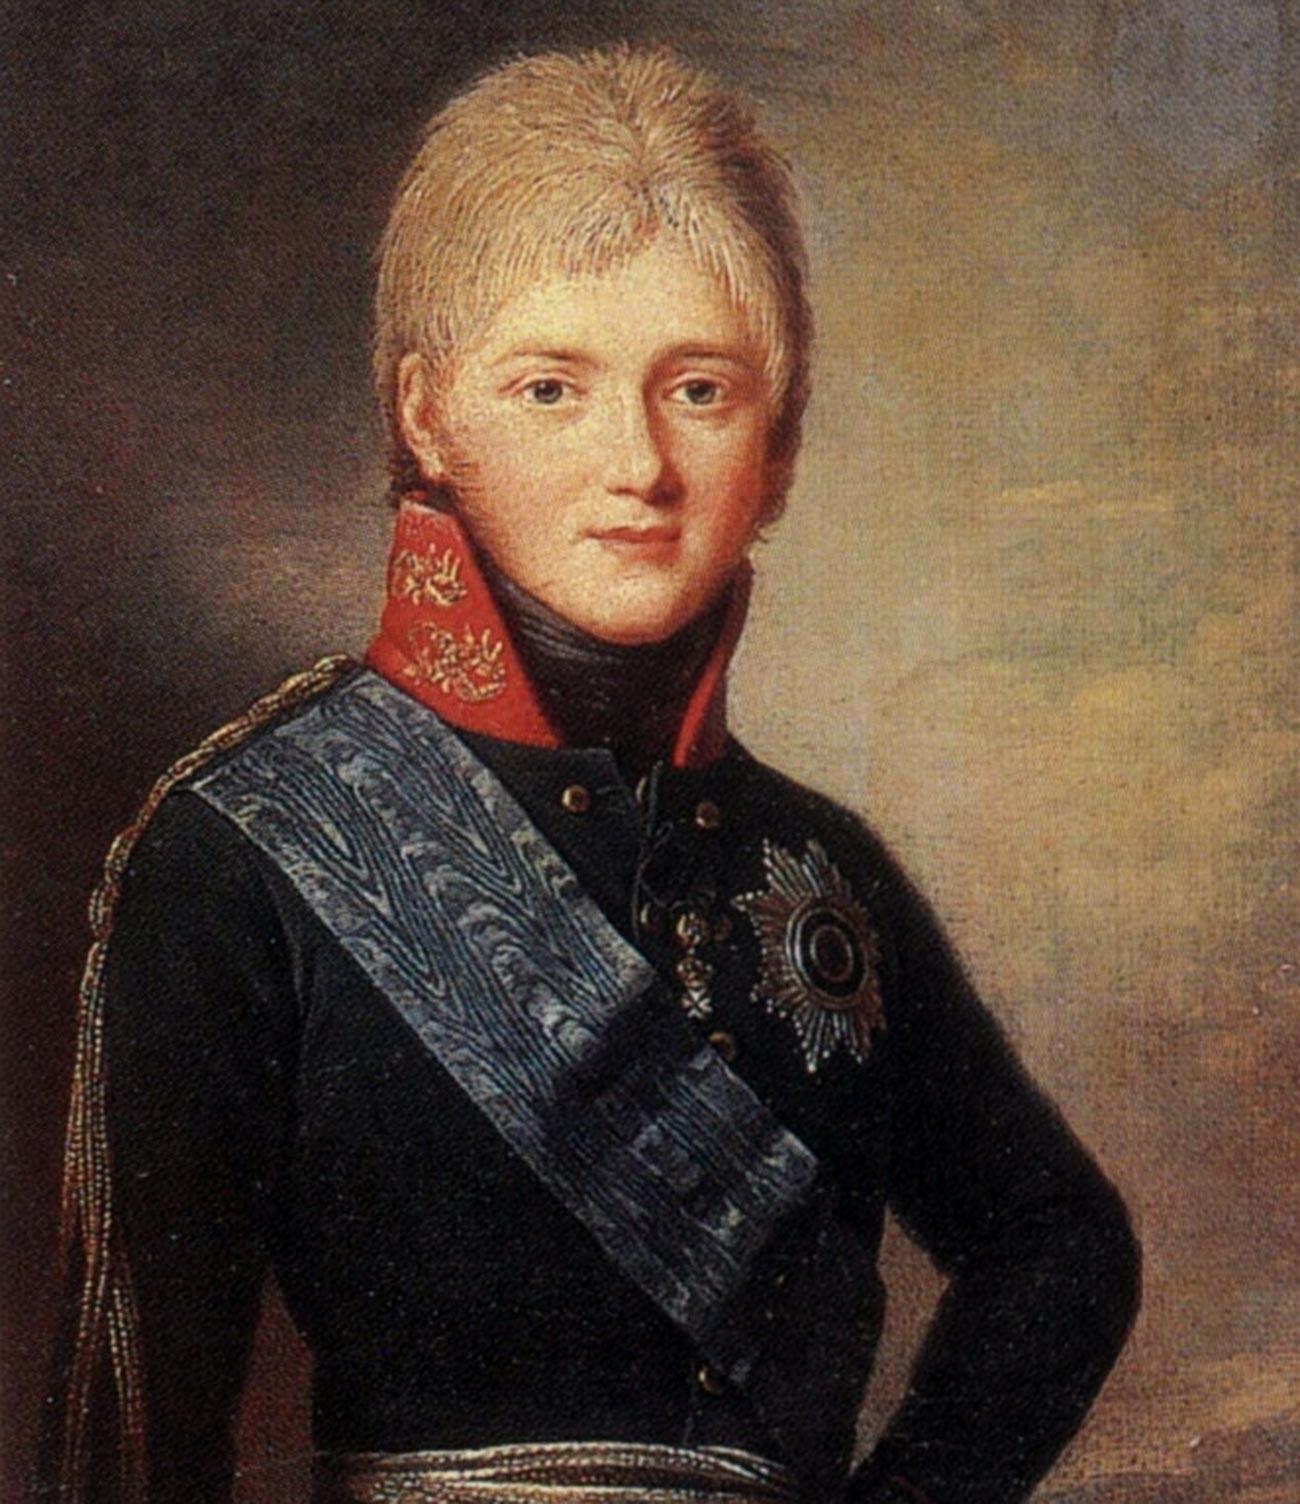 Portret velikog kneza Aleksandra Pavloviča, budućeg cara Aleksandra I.